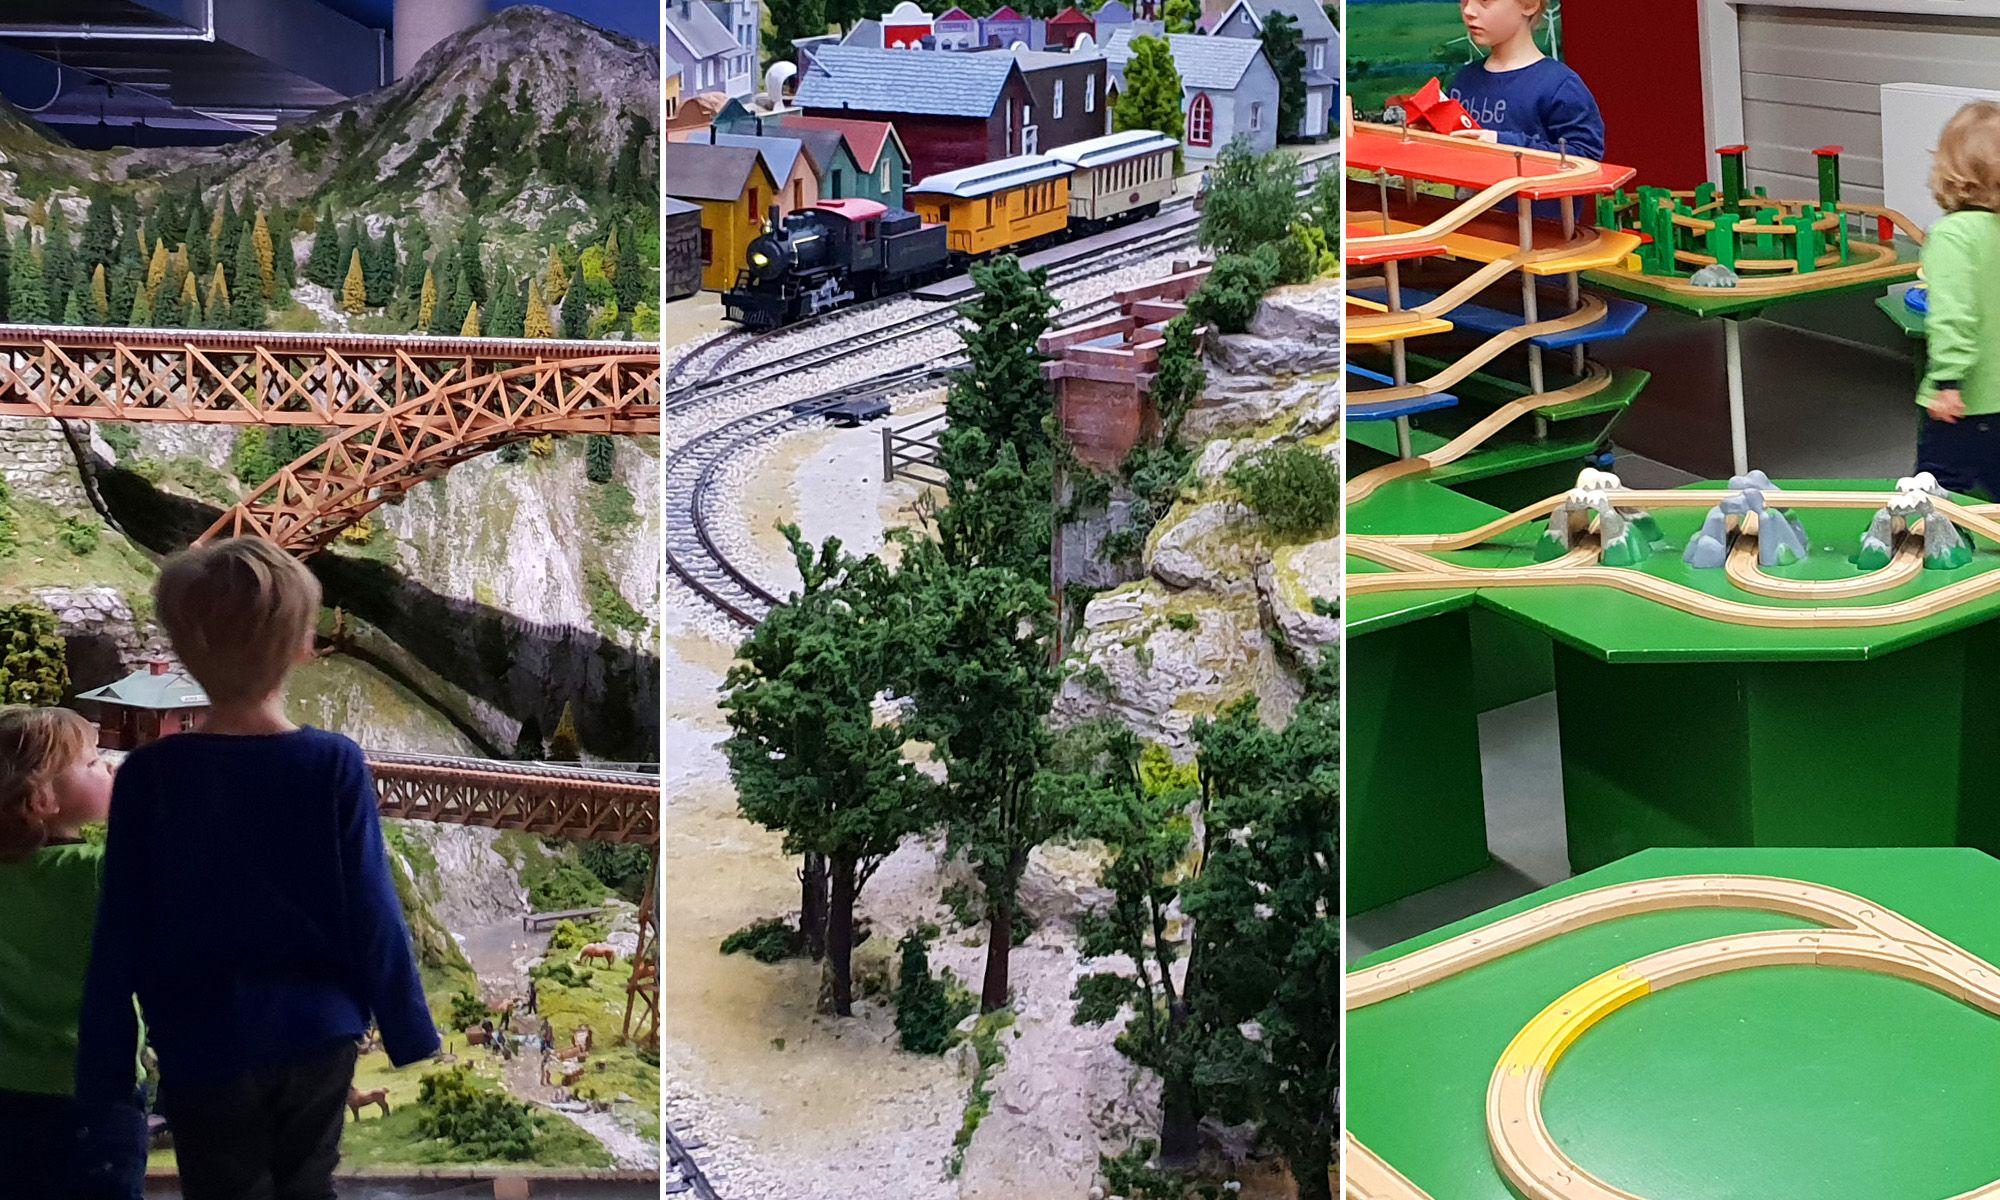 Blue Brix Modell Eisenbahnen Vr Coaster 5d Kino Laser Clou Und Kinder Spielbereich Eisenbahn Achterbahn Zug Fahren